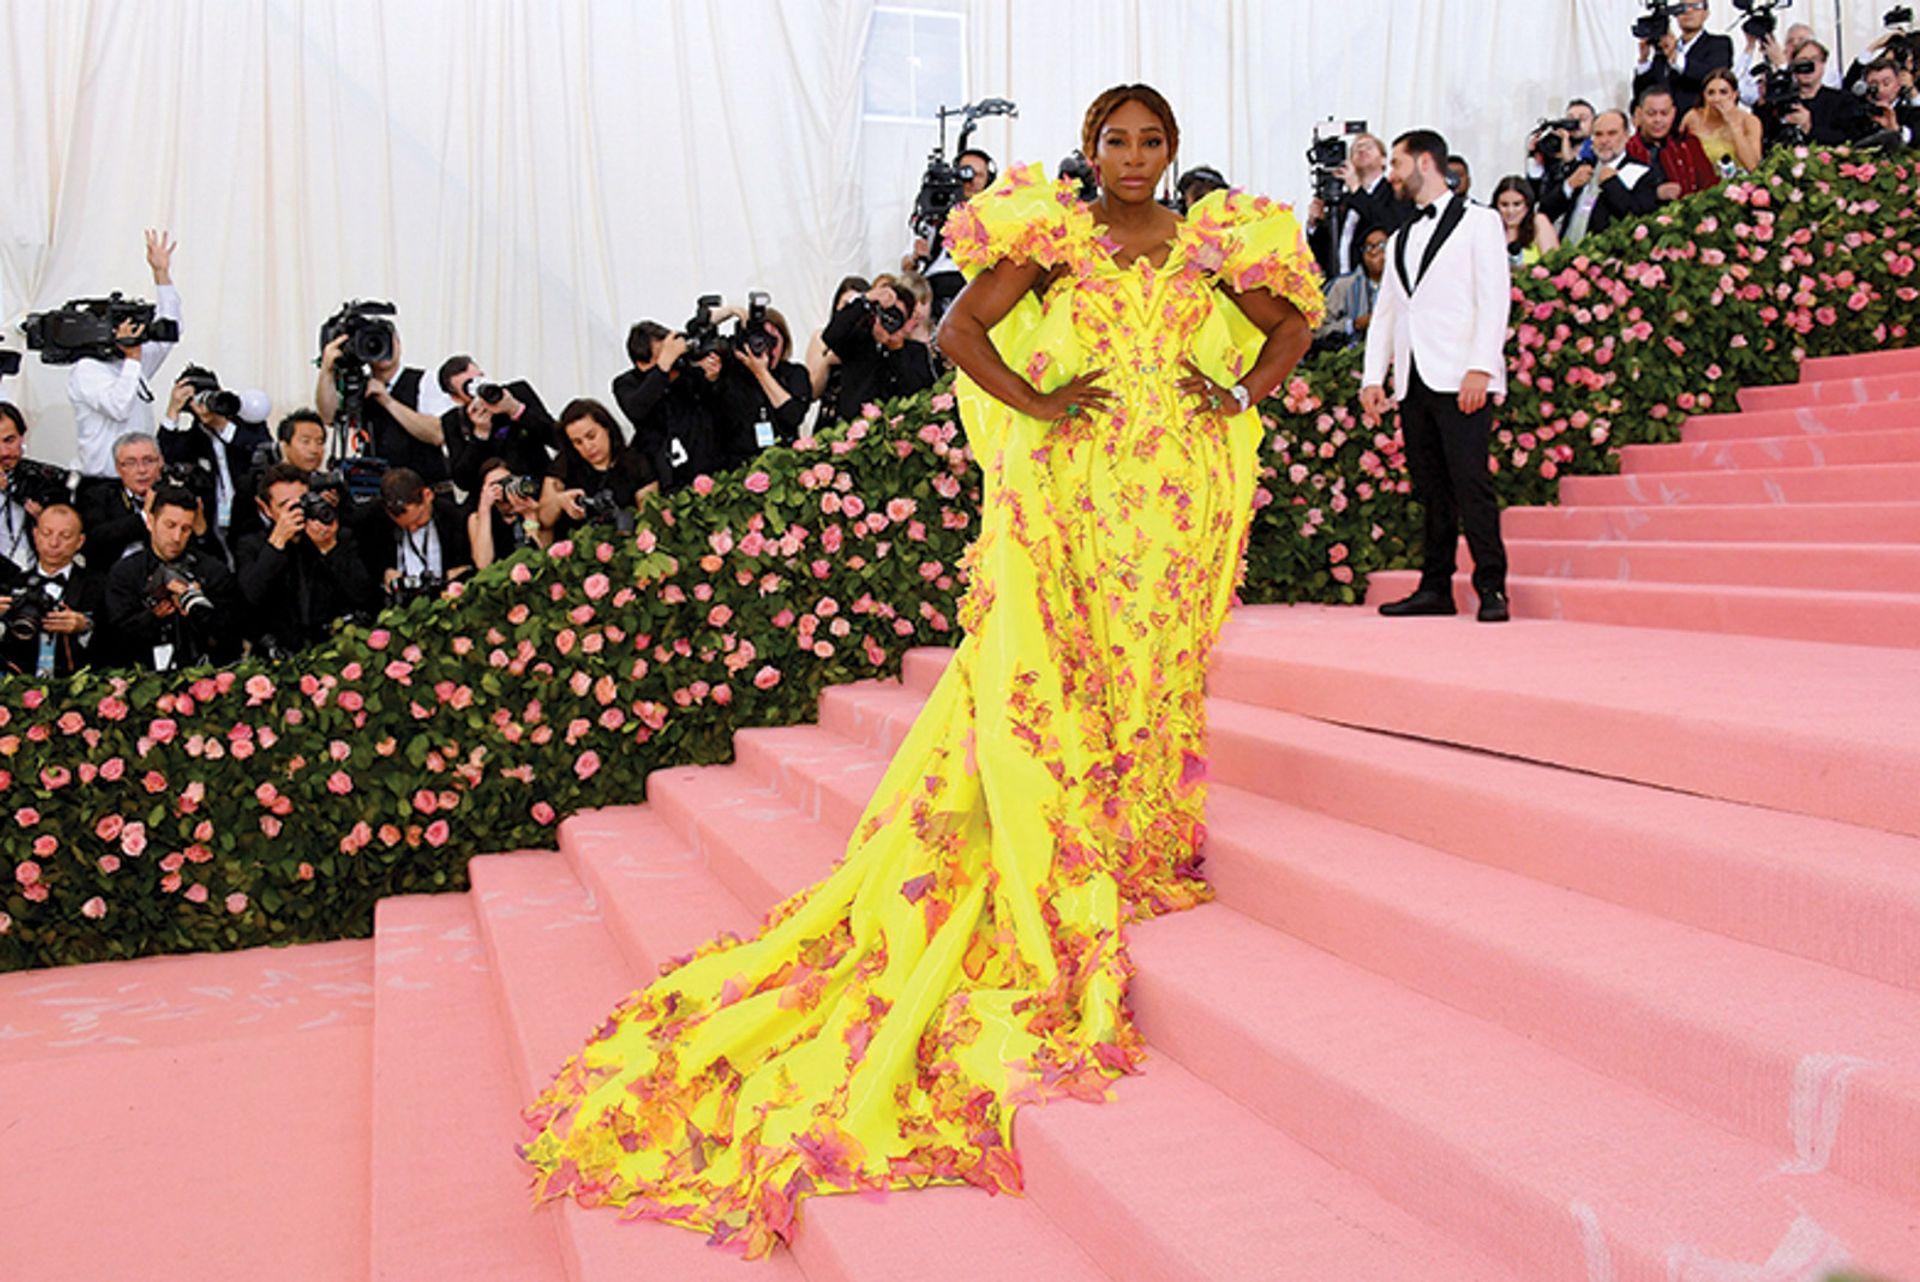 Serena Williams at the Met Gala in 2019 Photo: Dia Dipasupil/FilmMagic